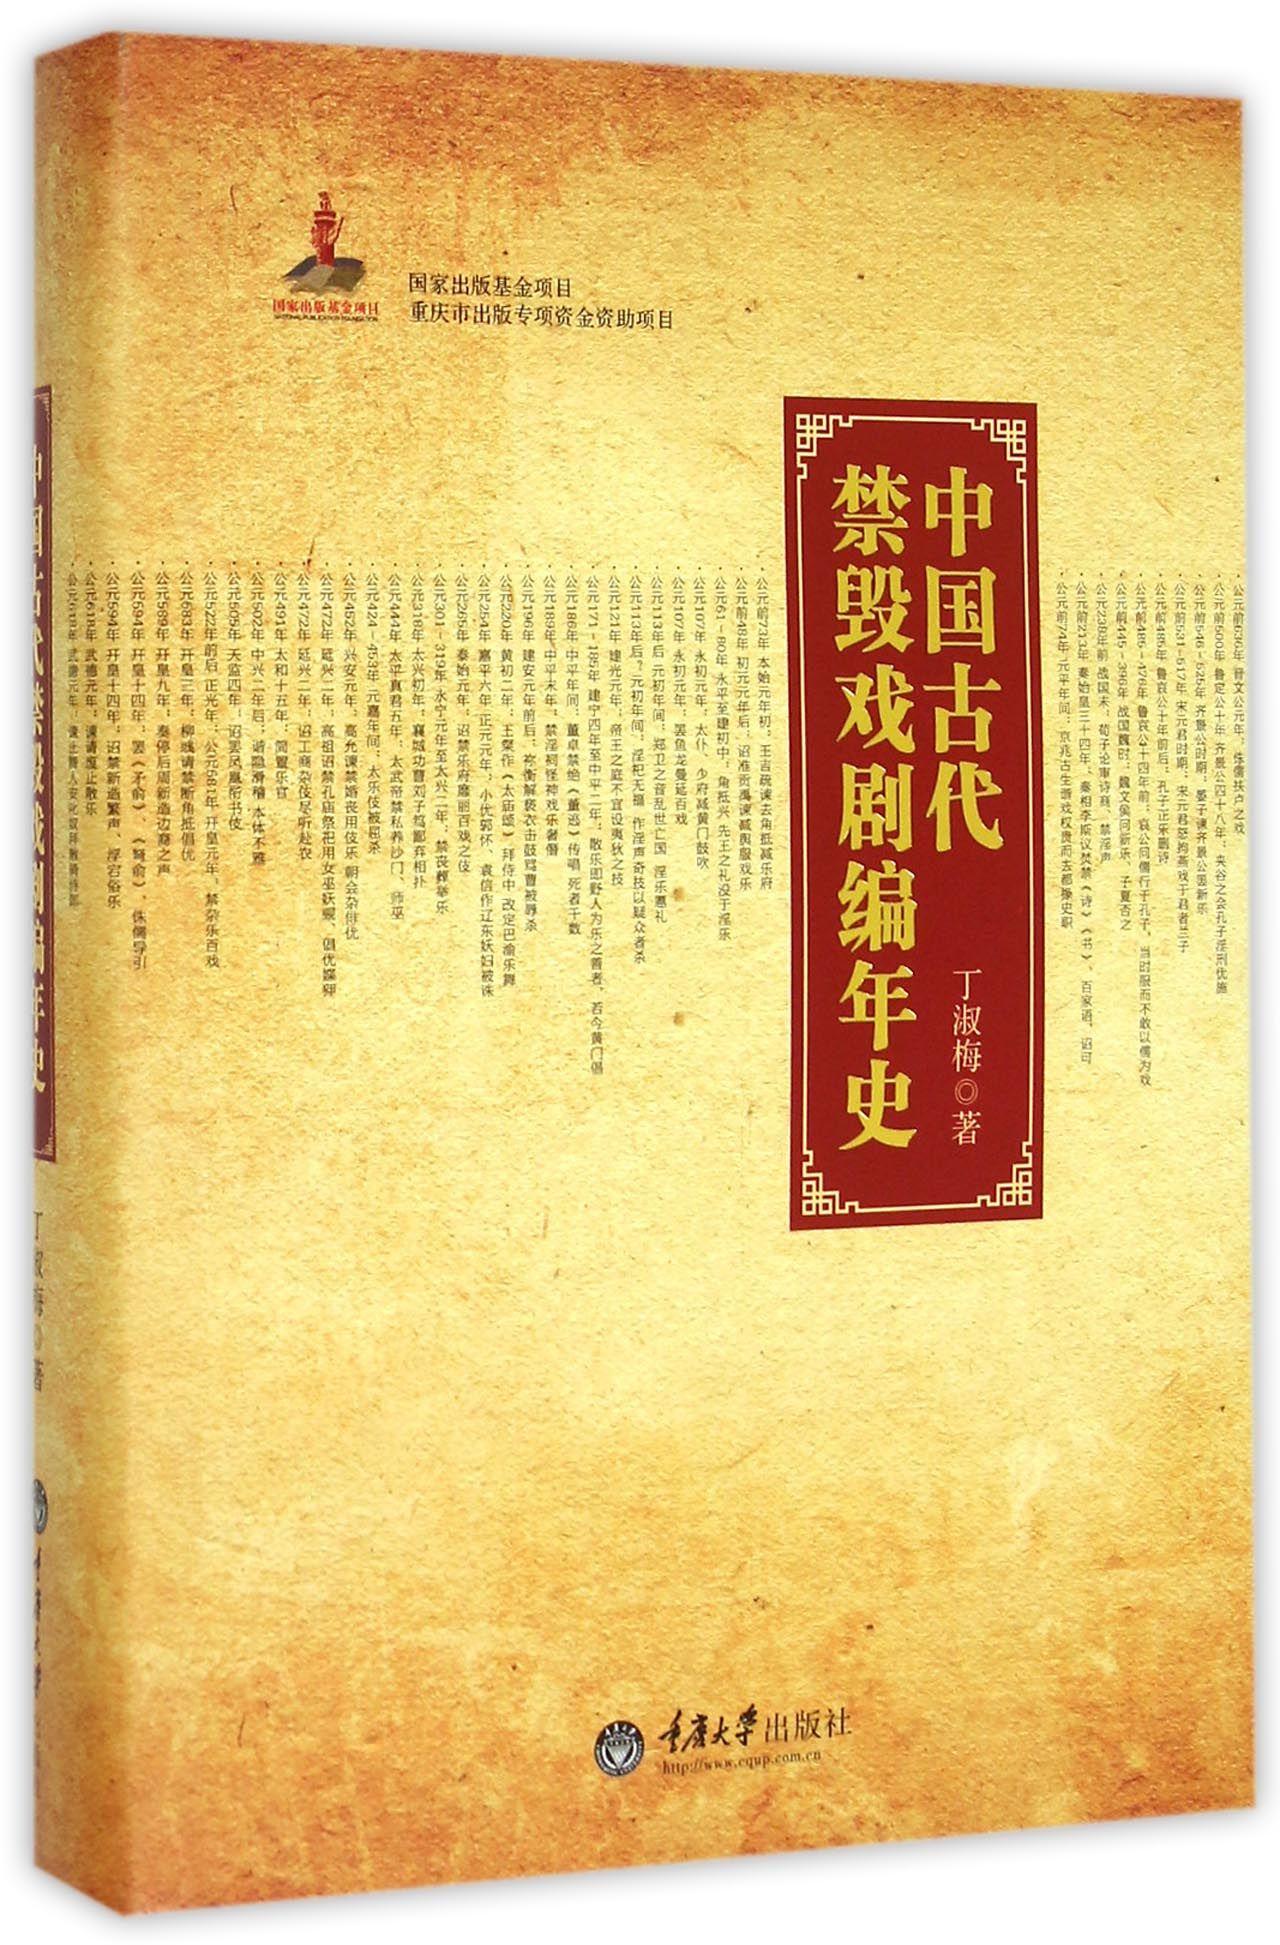 中国古代音乐史简述_中国古代戏曲史-中央戏剧学院 中国戏曲史